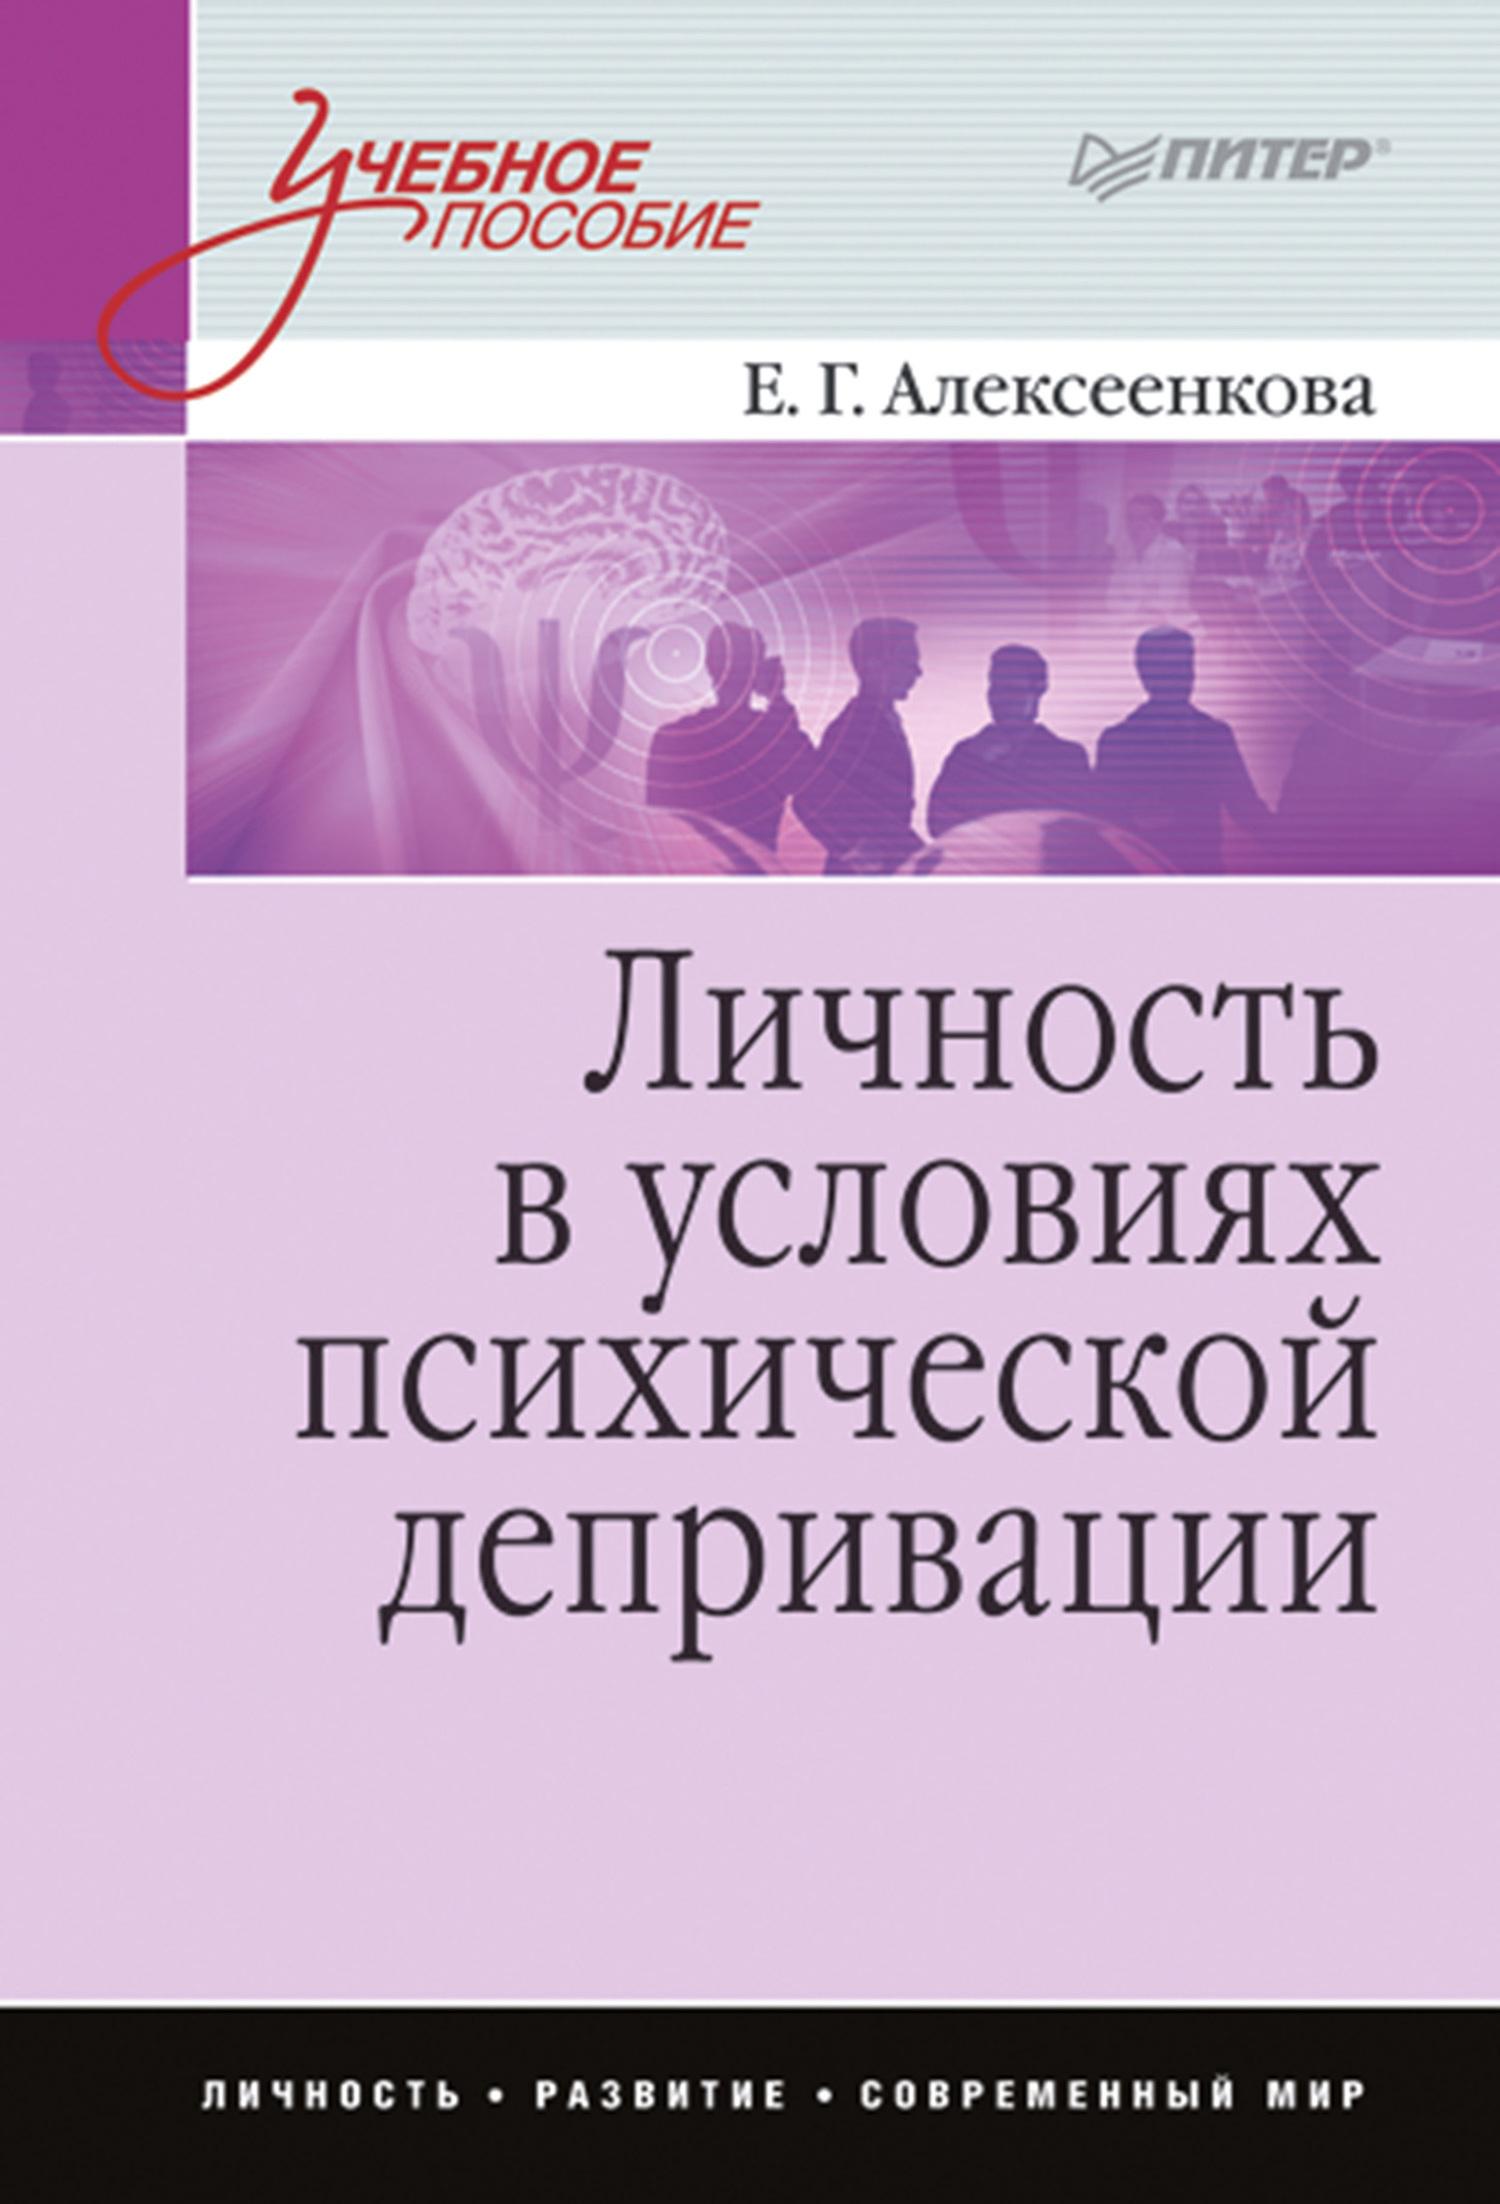 Елена Алексеенкова - Личность в условиях психической депривации. Учебное пособие